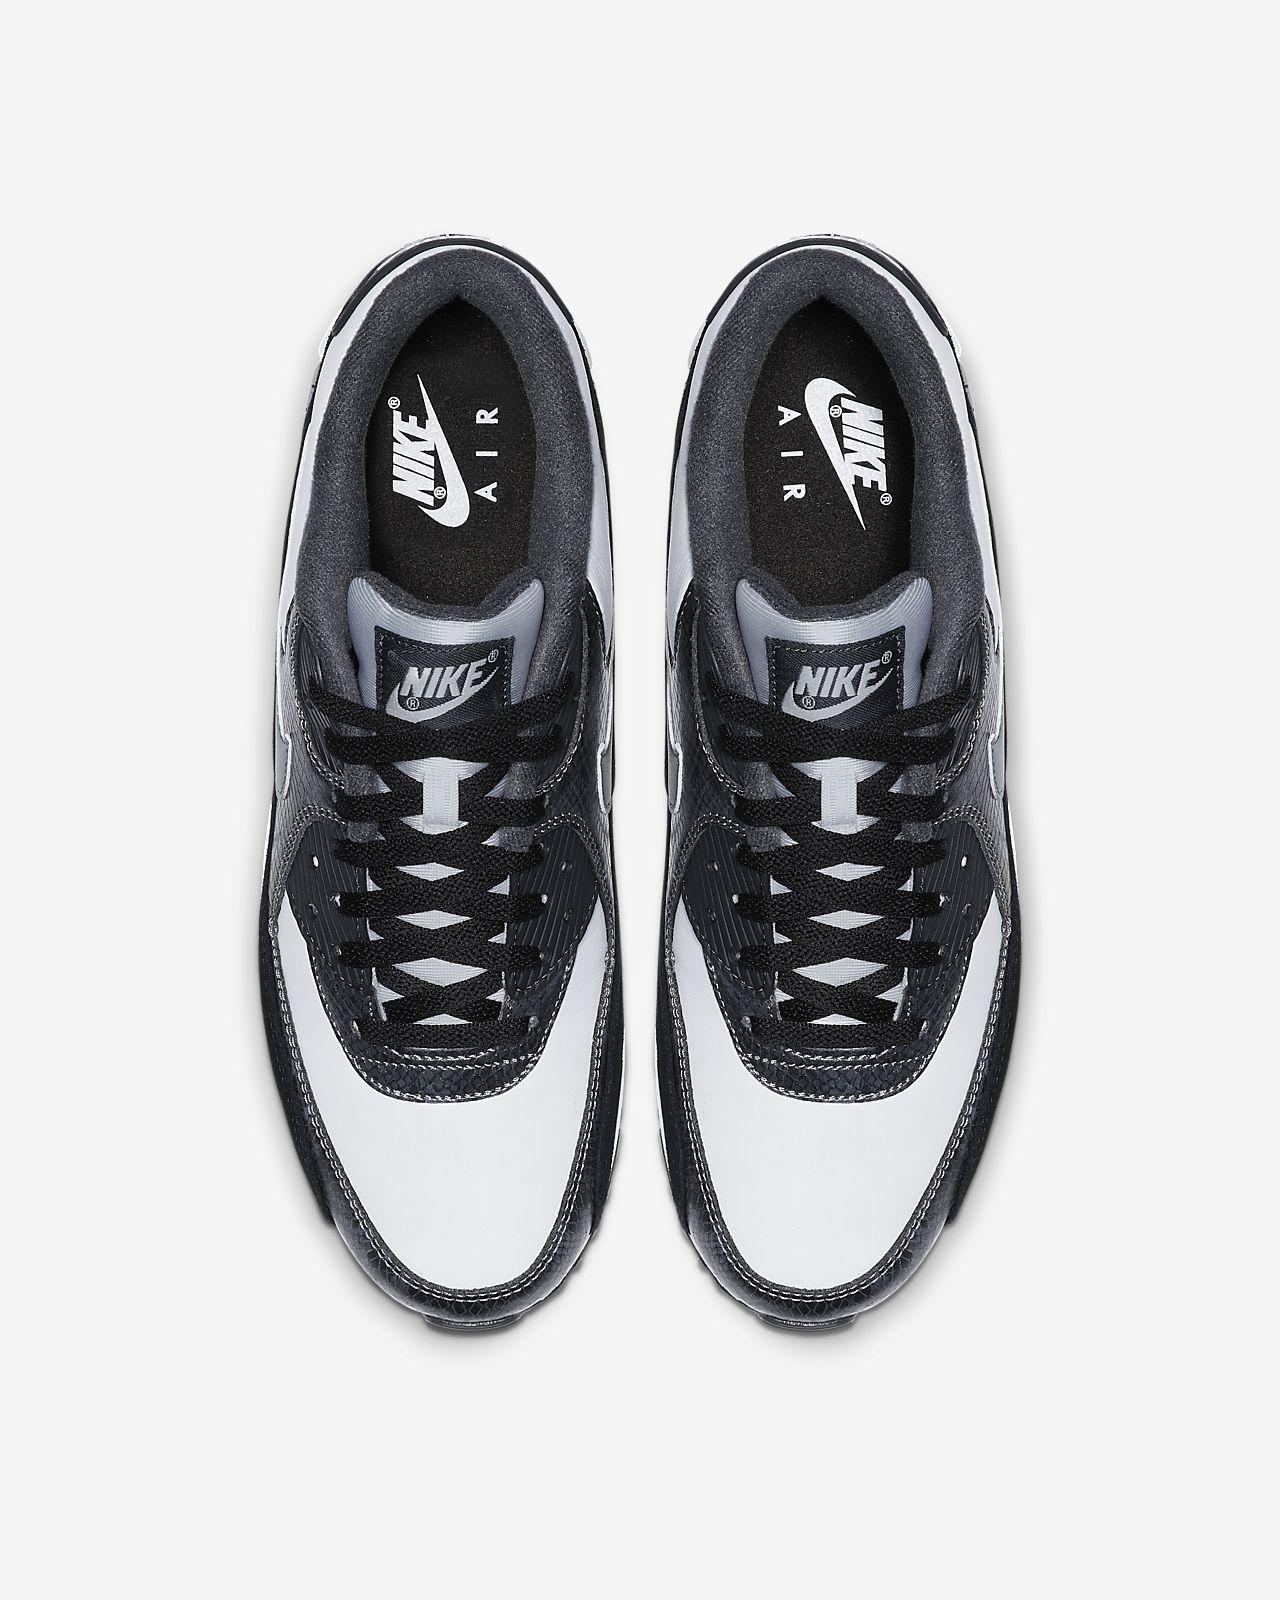 Zapatillas Nike Air Max 90 Mujer Urbanas C Envio Gratis